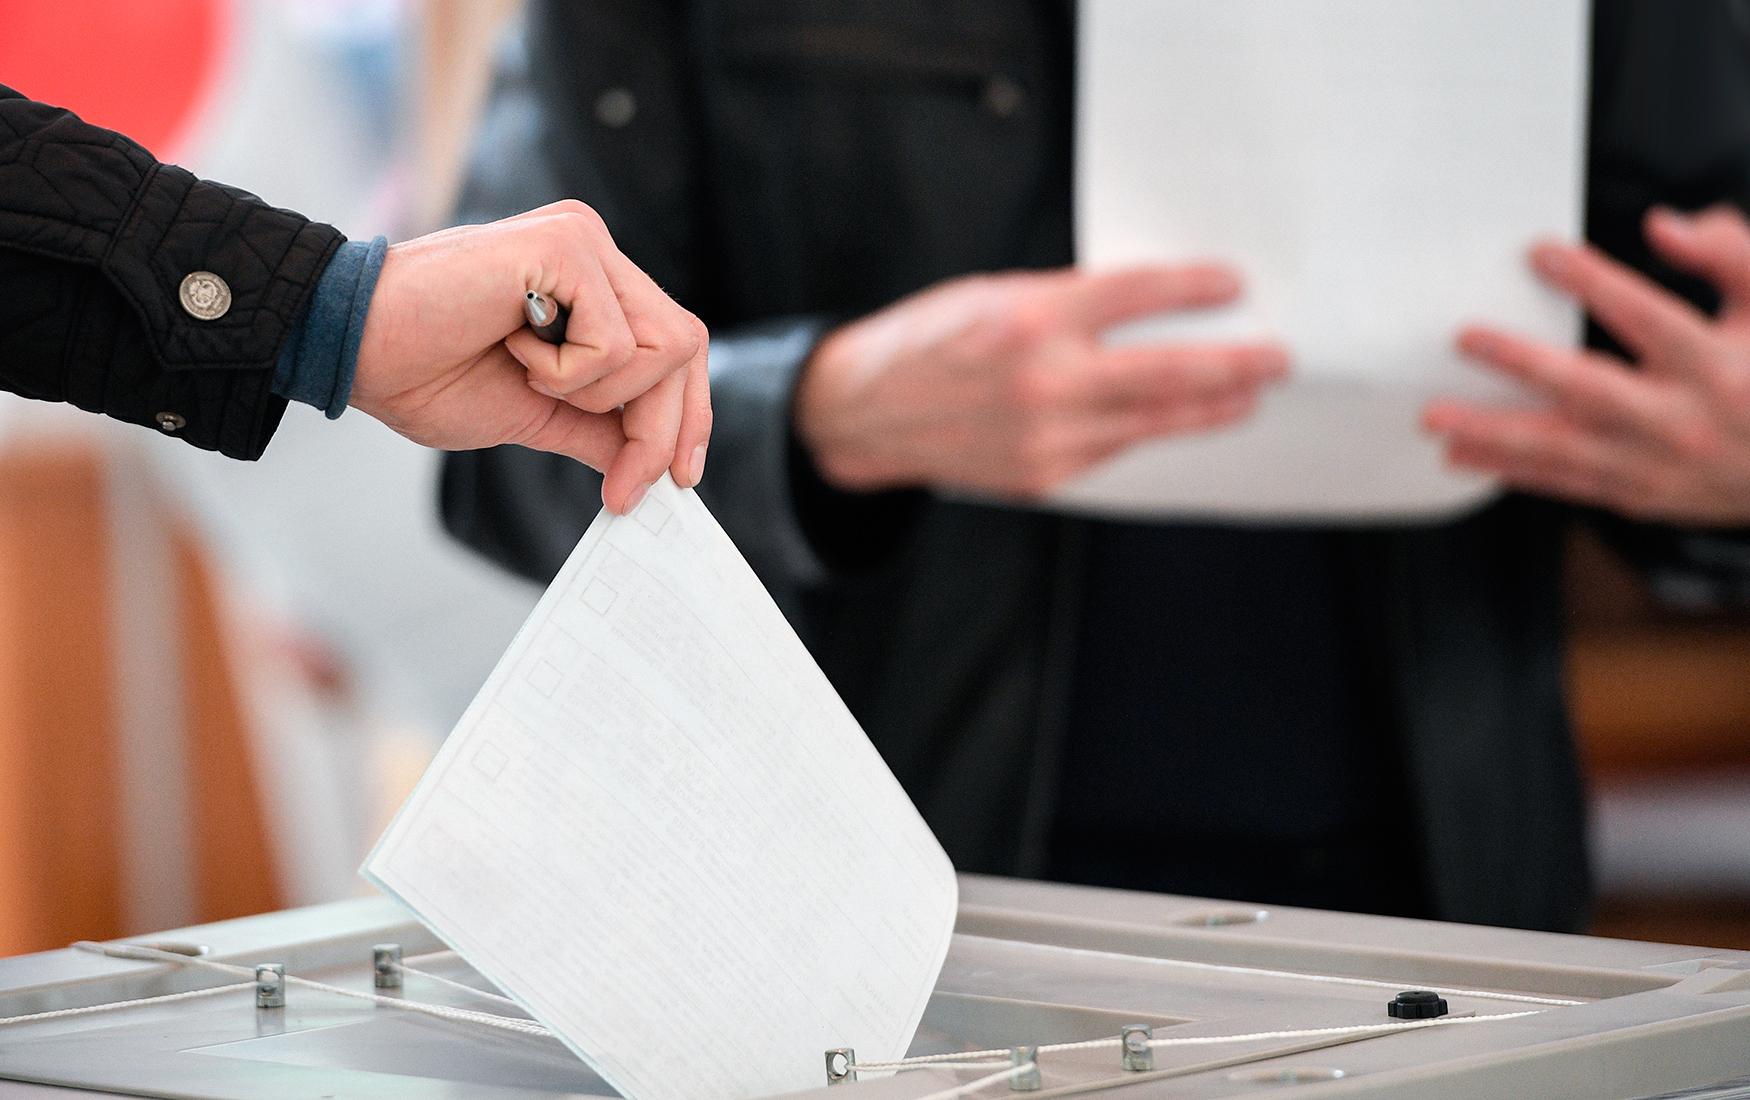 Списки политических партий и их региональных отделений, имеющих право 19 сентября 2021 года принимать участие в выборах депутатов городского Совета  (по состоянию на 01 июля 2021 года)